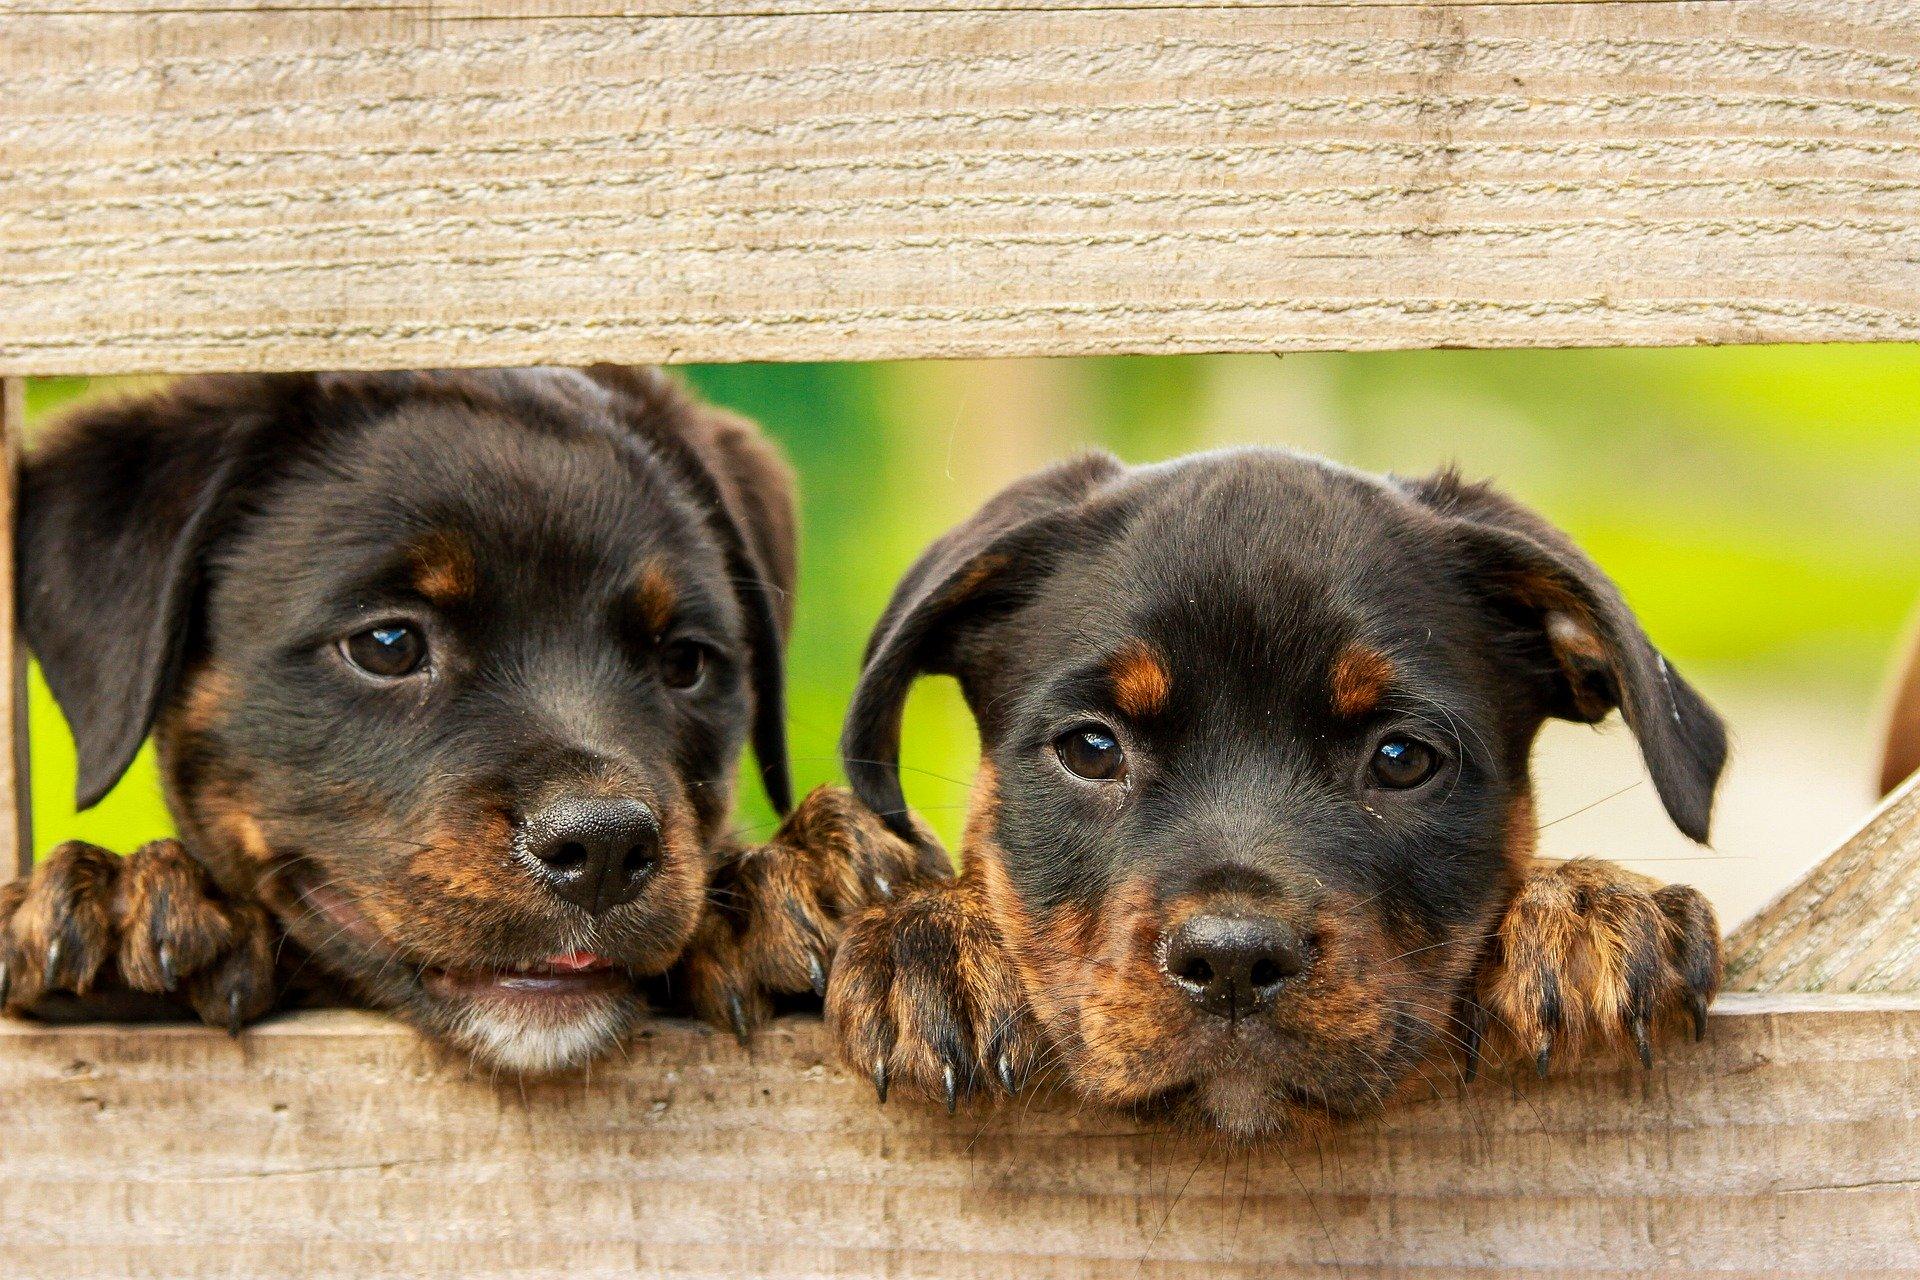 hundehvalpe kigger gennem hegn